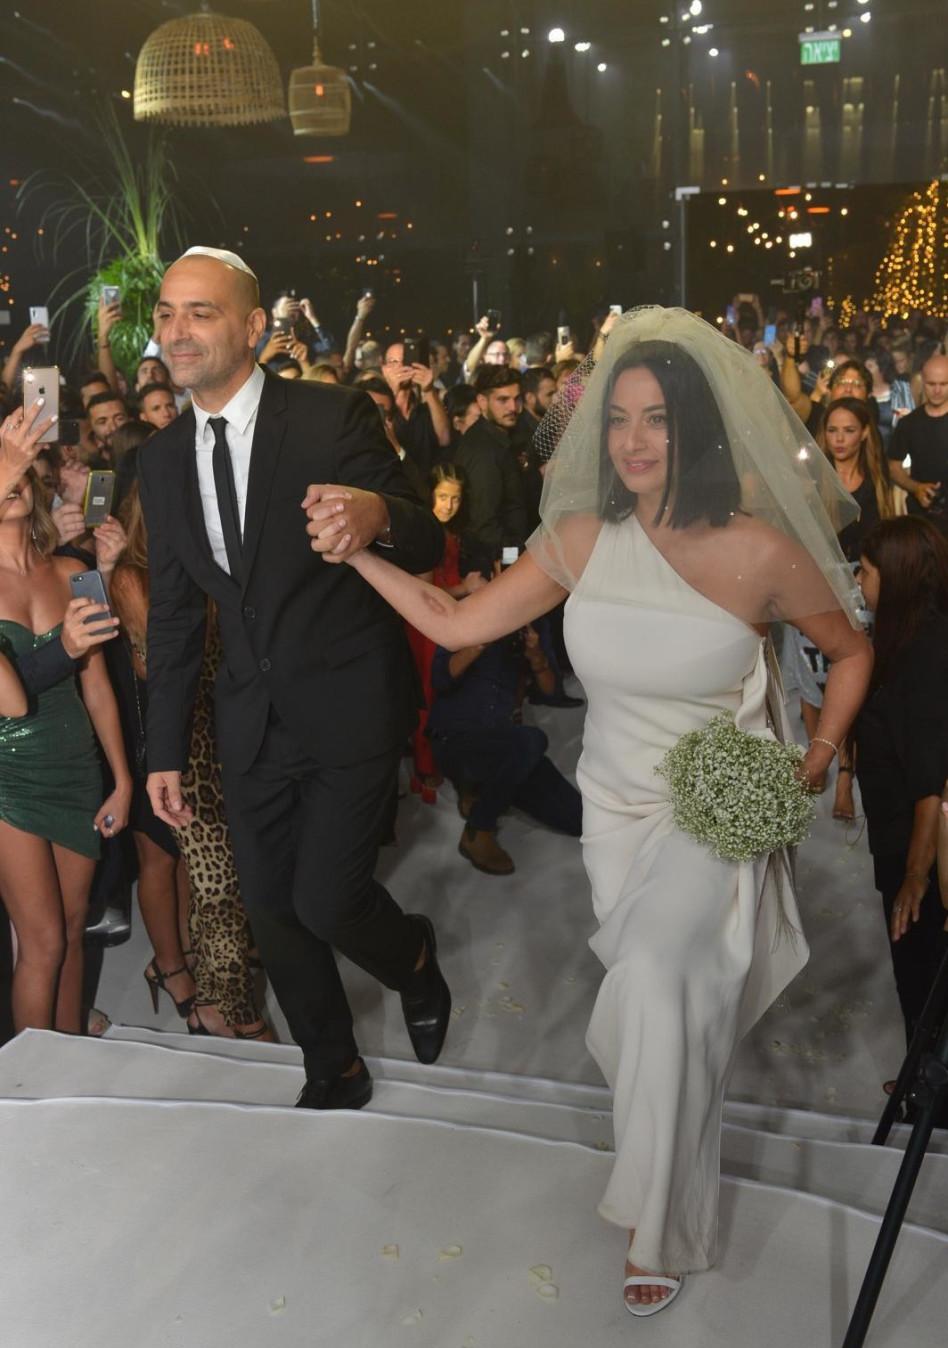 הזוג המלכותי. מאיה בוסקילה ועוזי אזולאי (צילום: תומר ברגיג)